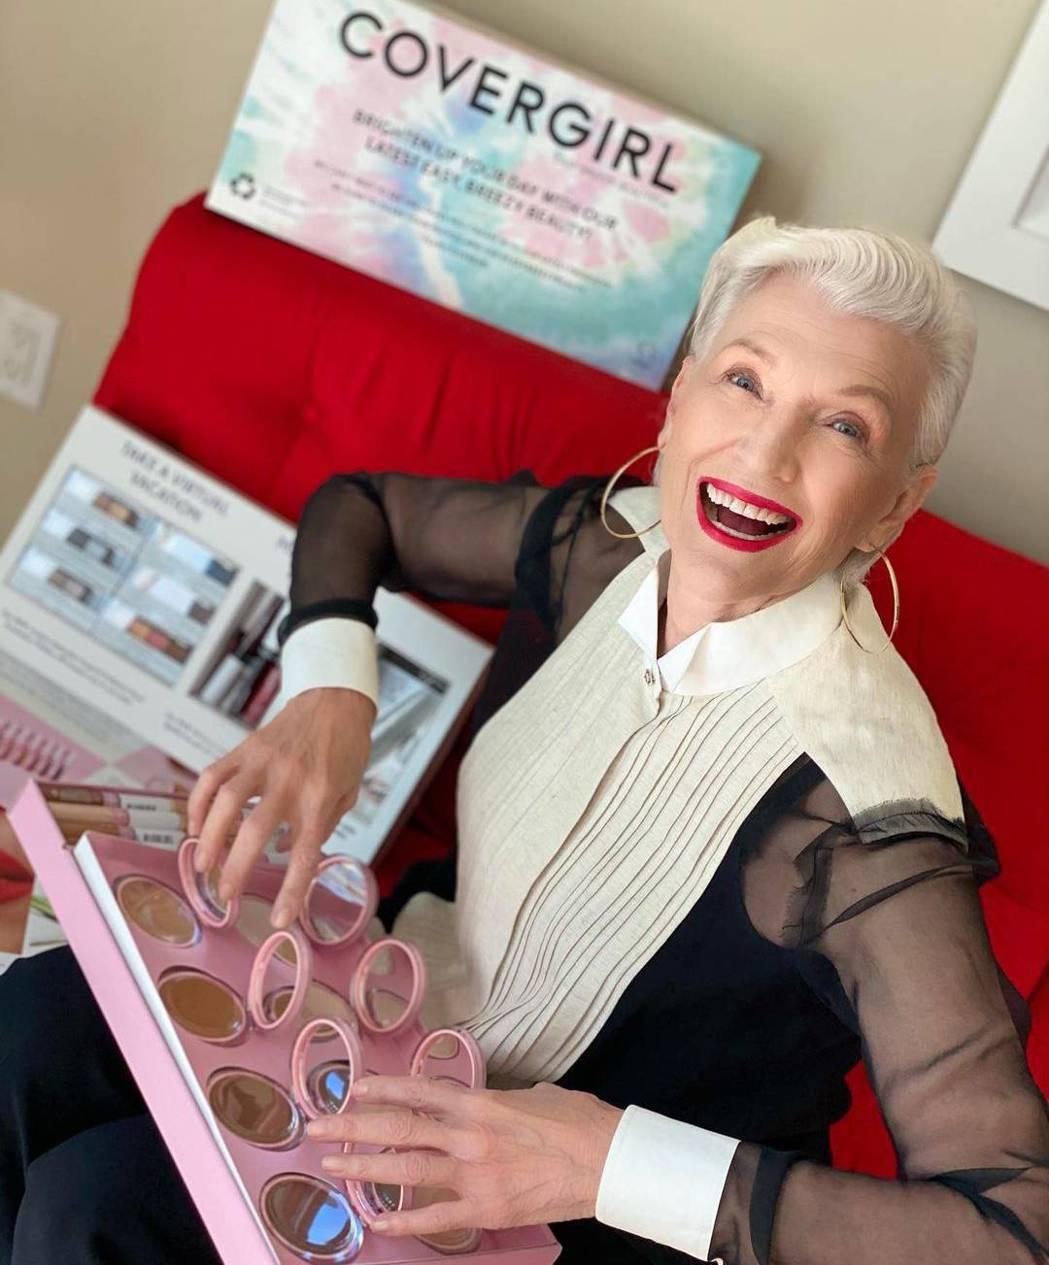 在化妝品廣告裡,梅伊馬斯克招牌的銀色短髮配上爽朗笑容,絲毫不在意大笑而產生的皺紋...